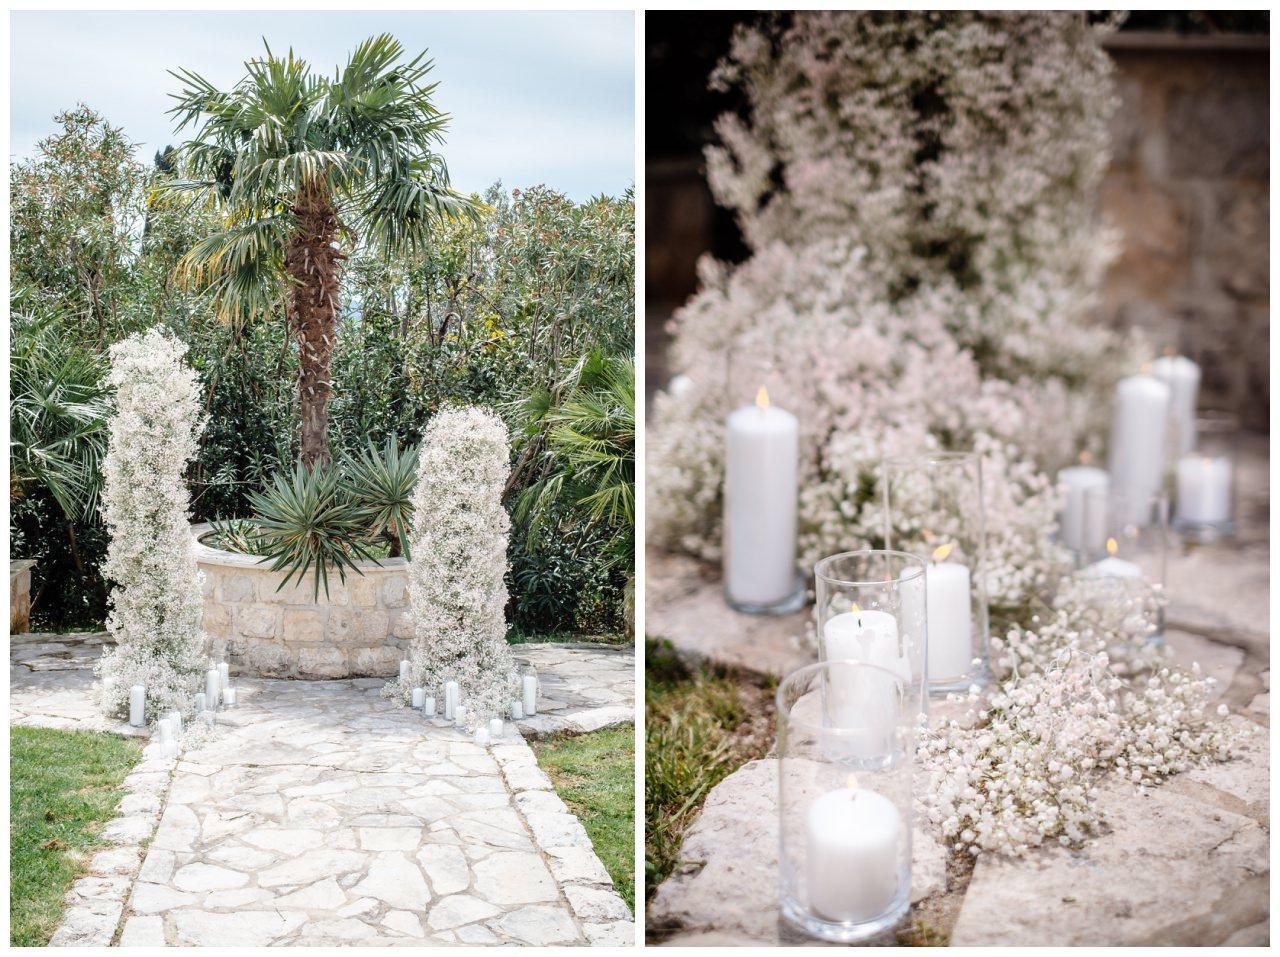 Hochzeit Villa Kroatien Hochzeitsplanung Fotograf 6 - Romantische Hochzeit in einer Villa